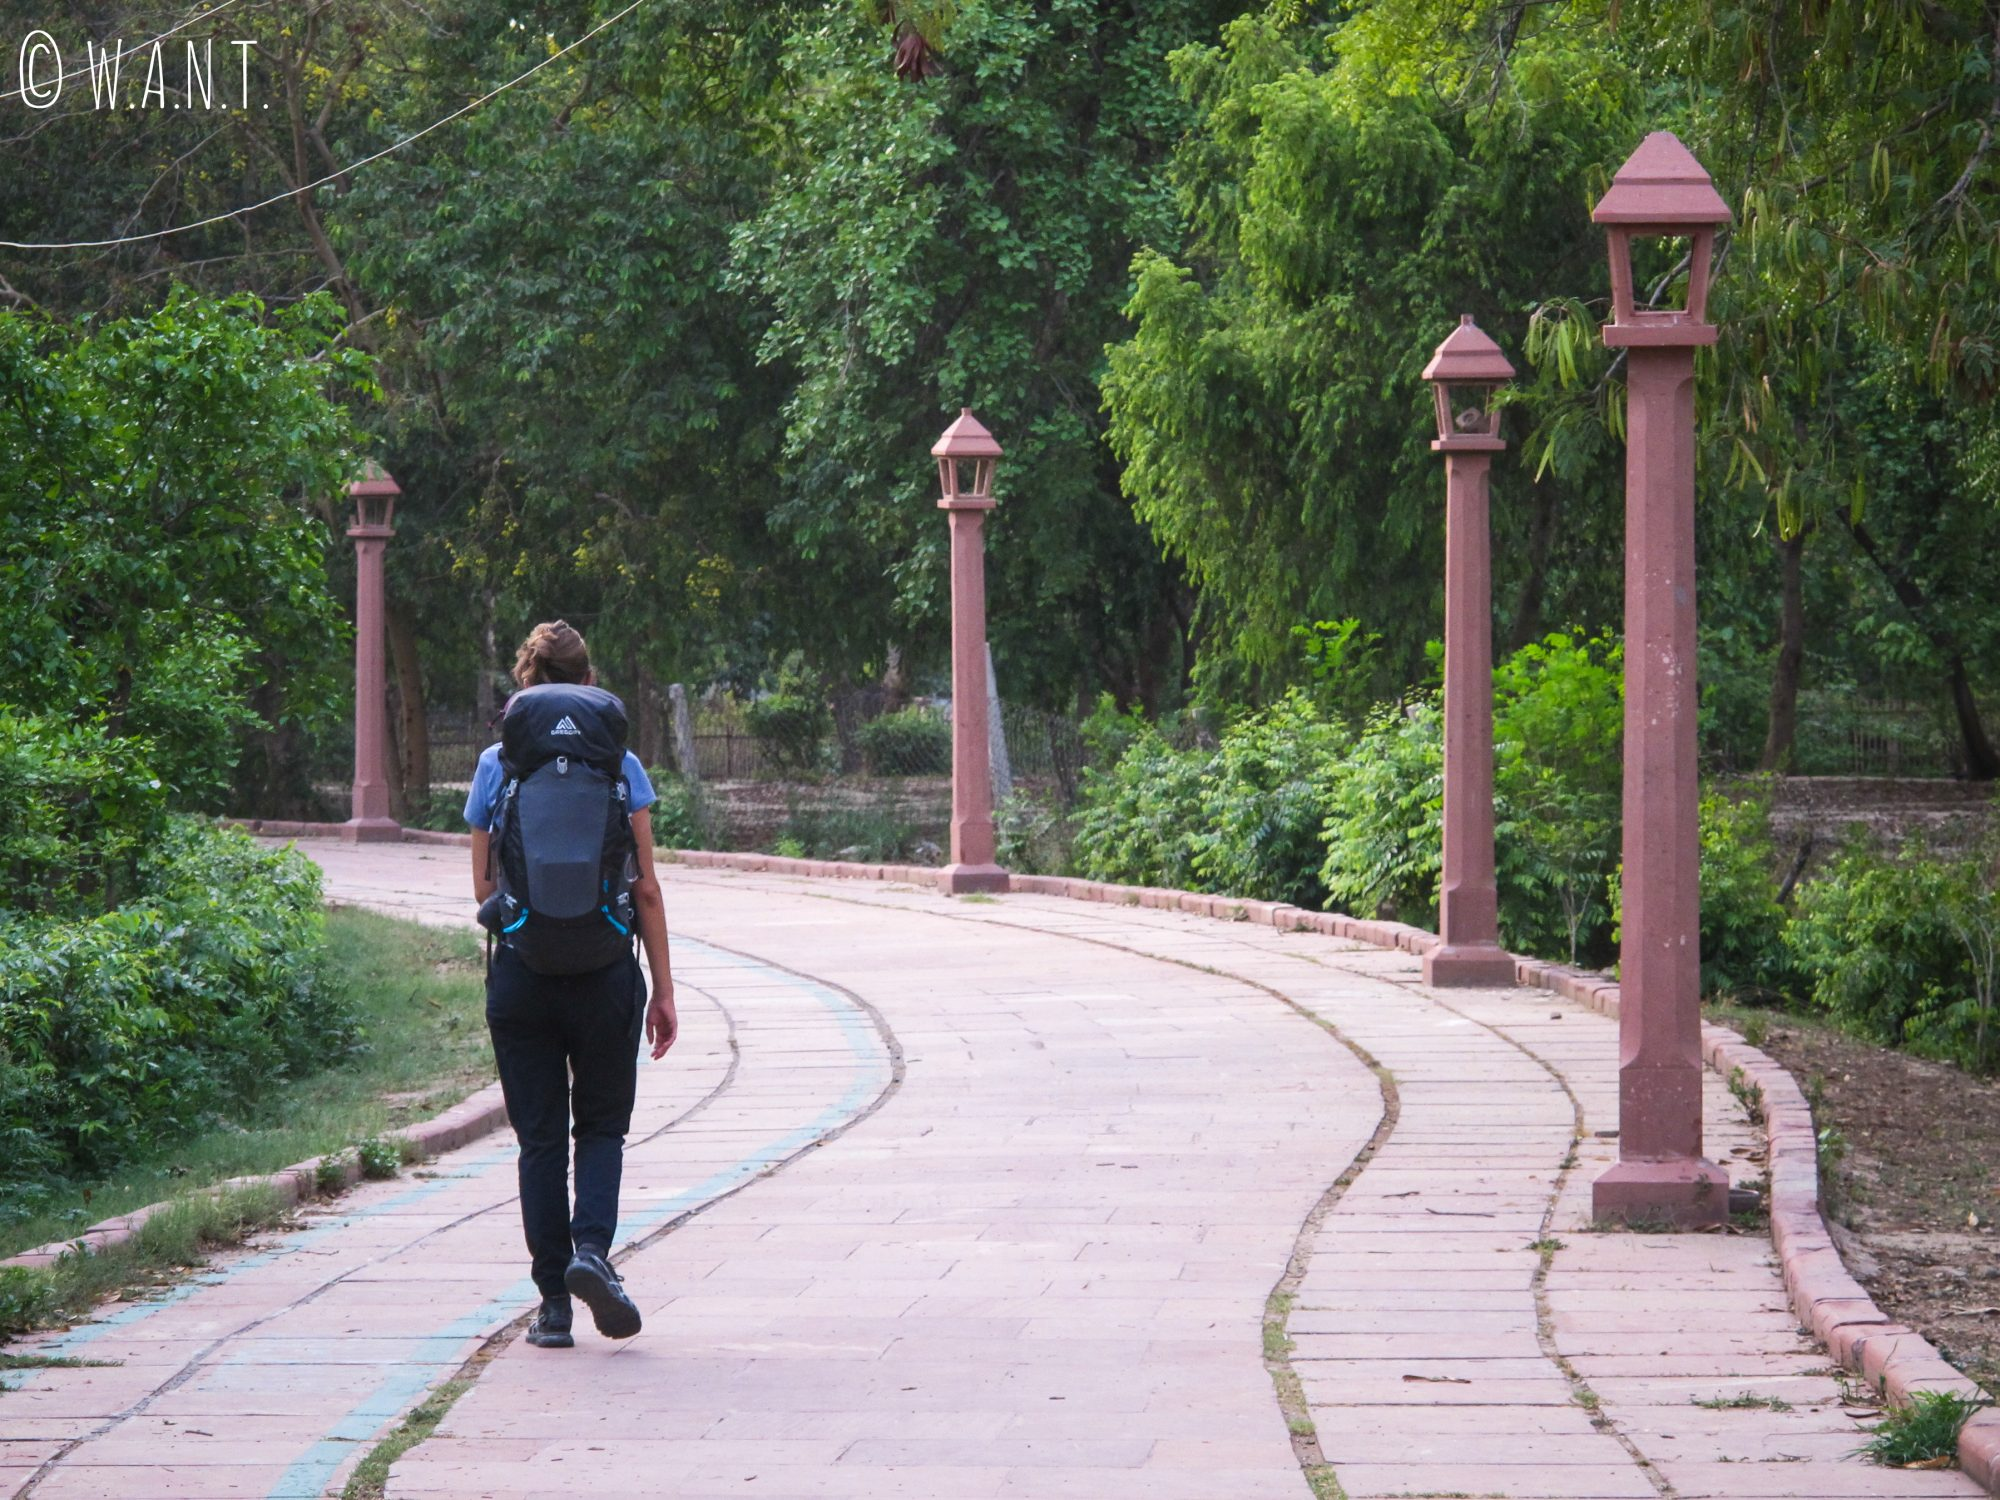 Des sacs plutôt légers qui nous auront permis de ne jamais se sentir contraint dans nos aventures de tous les jours